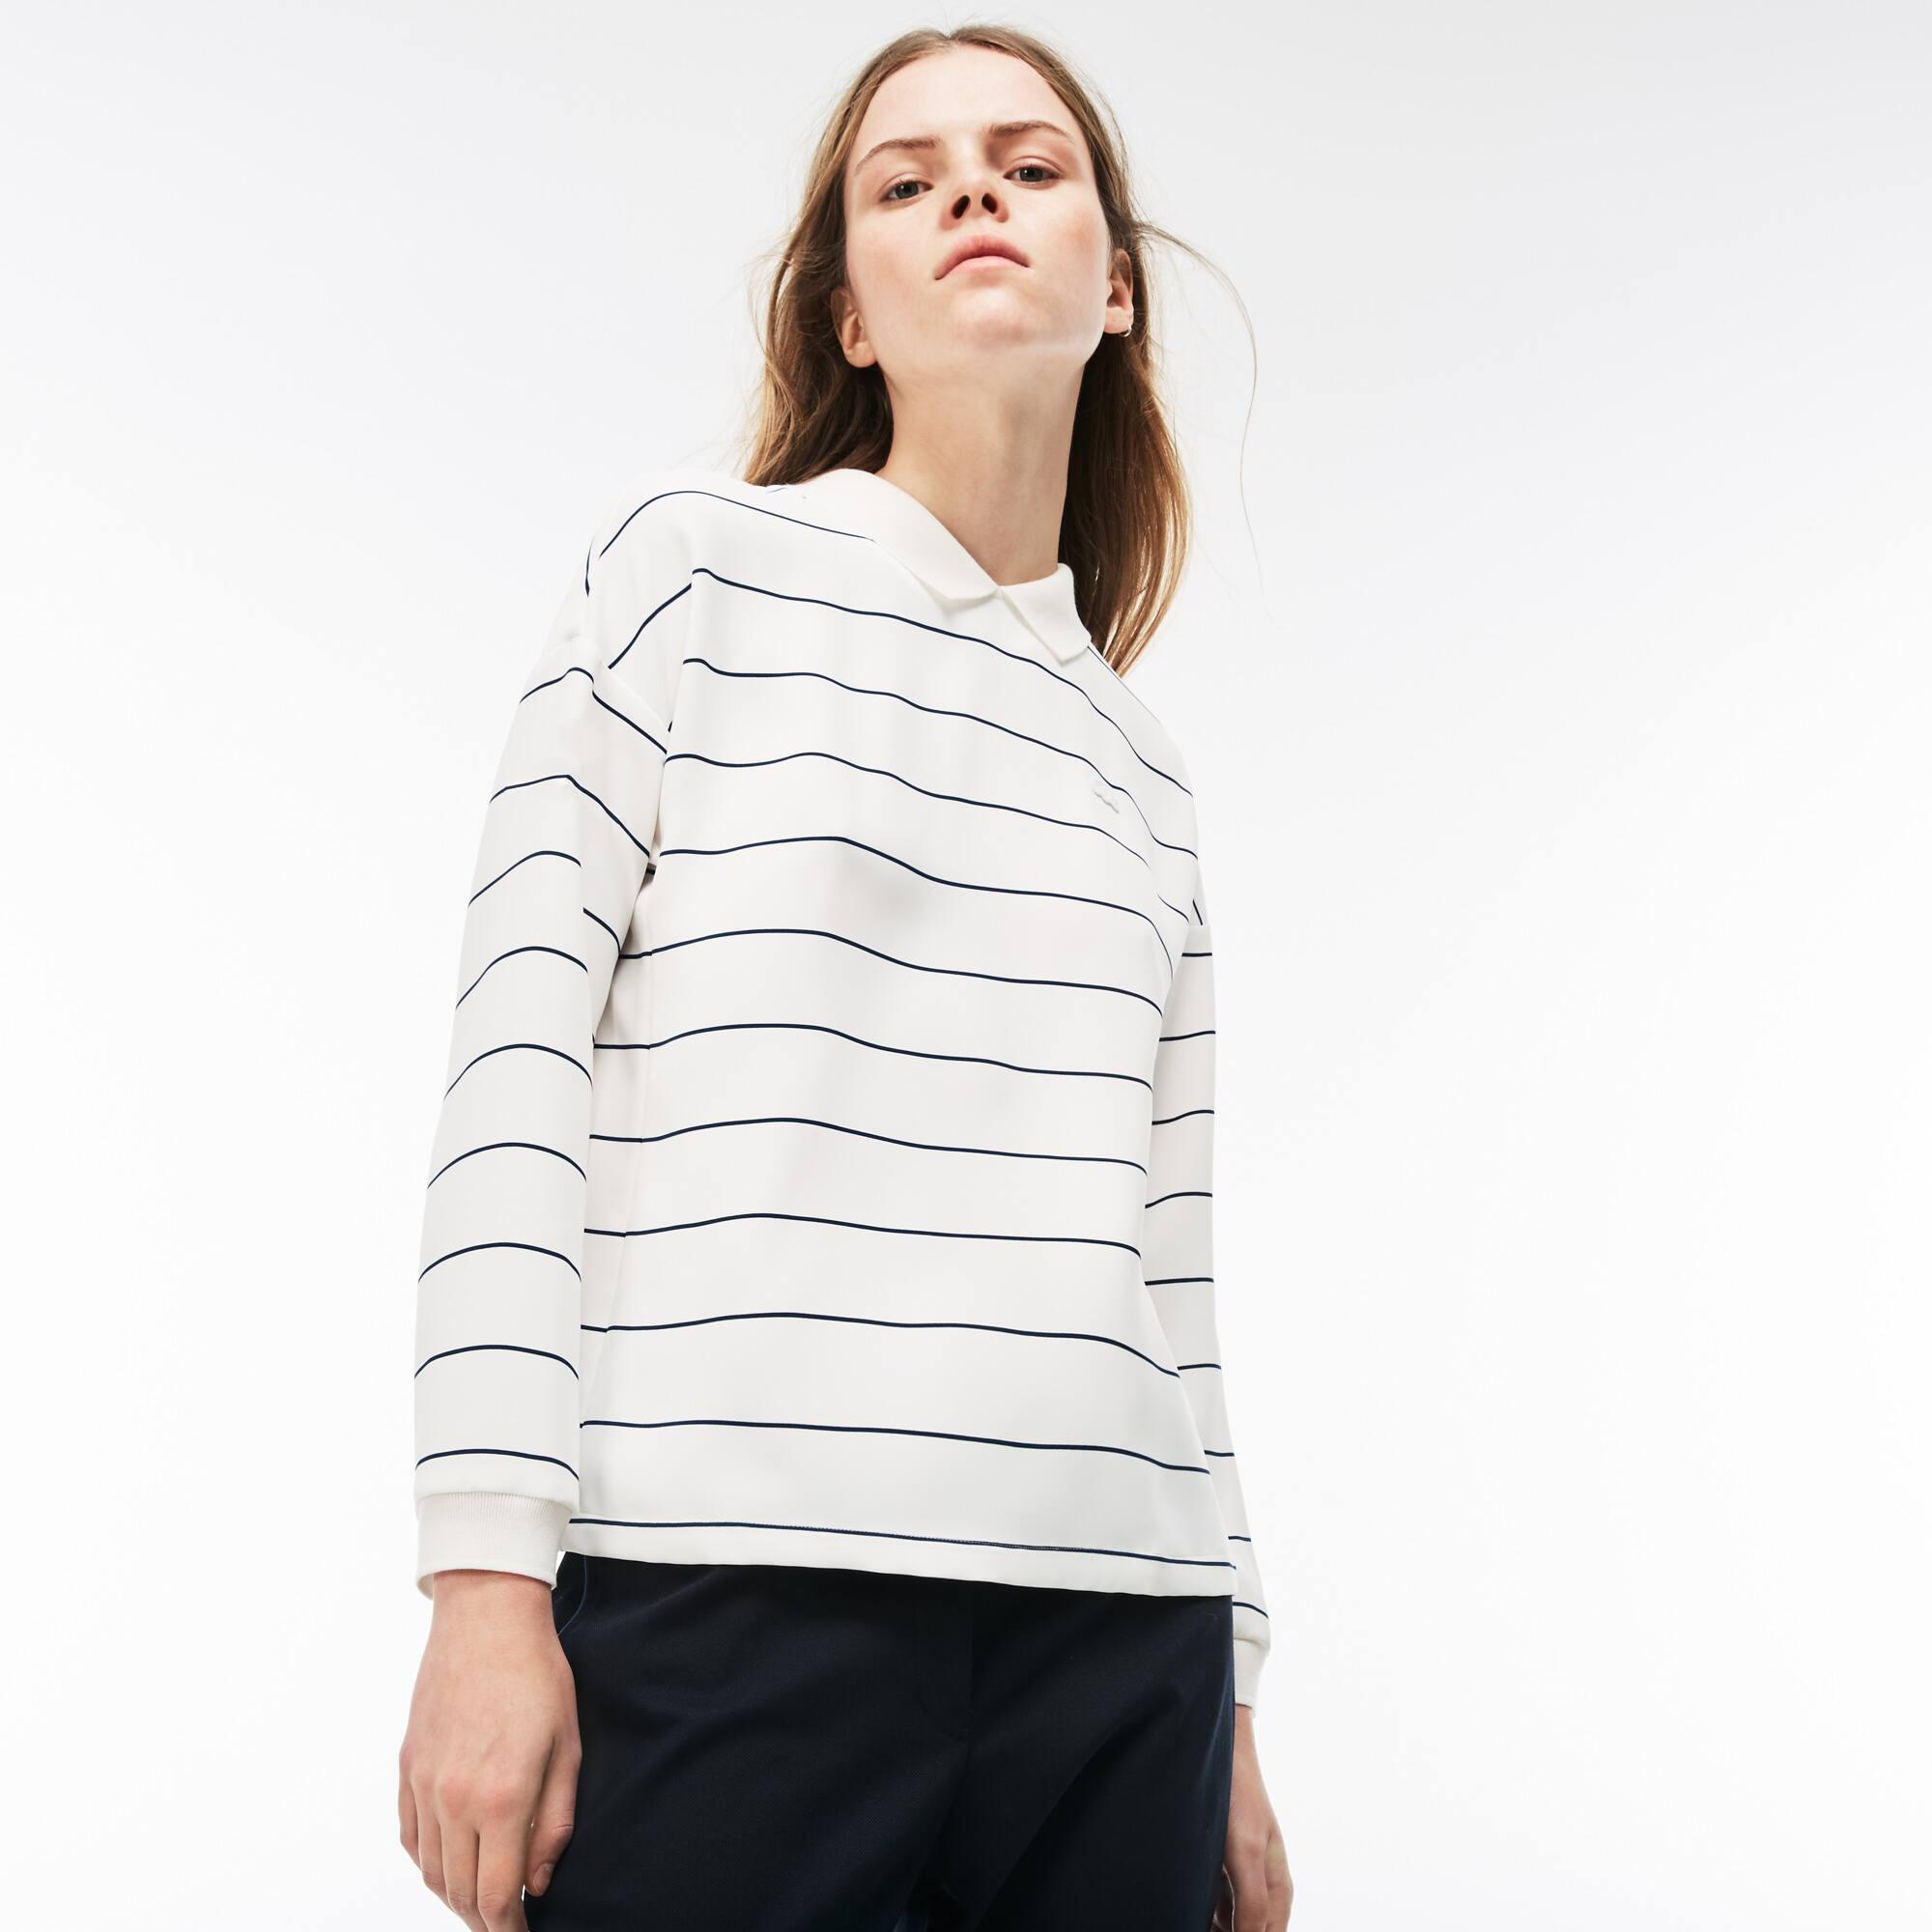 Damen-Bluse aus gestreiftem Krepp mit Polokragen und Rückendetail